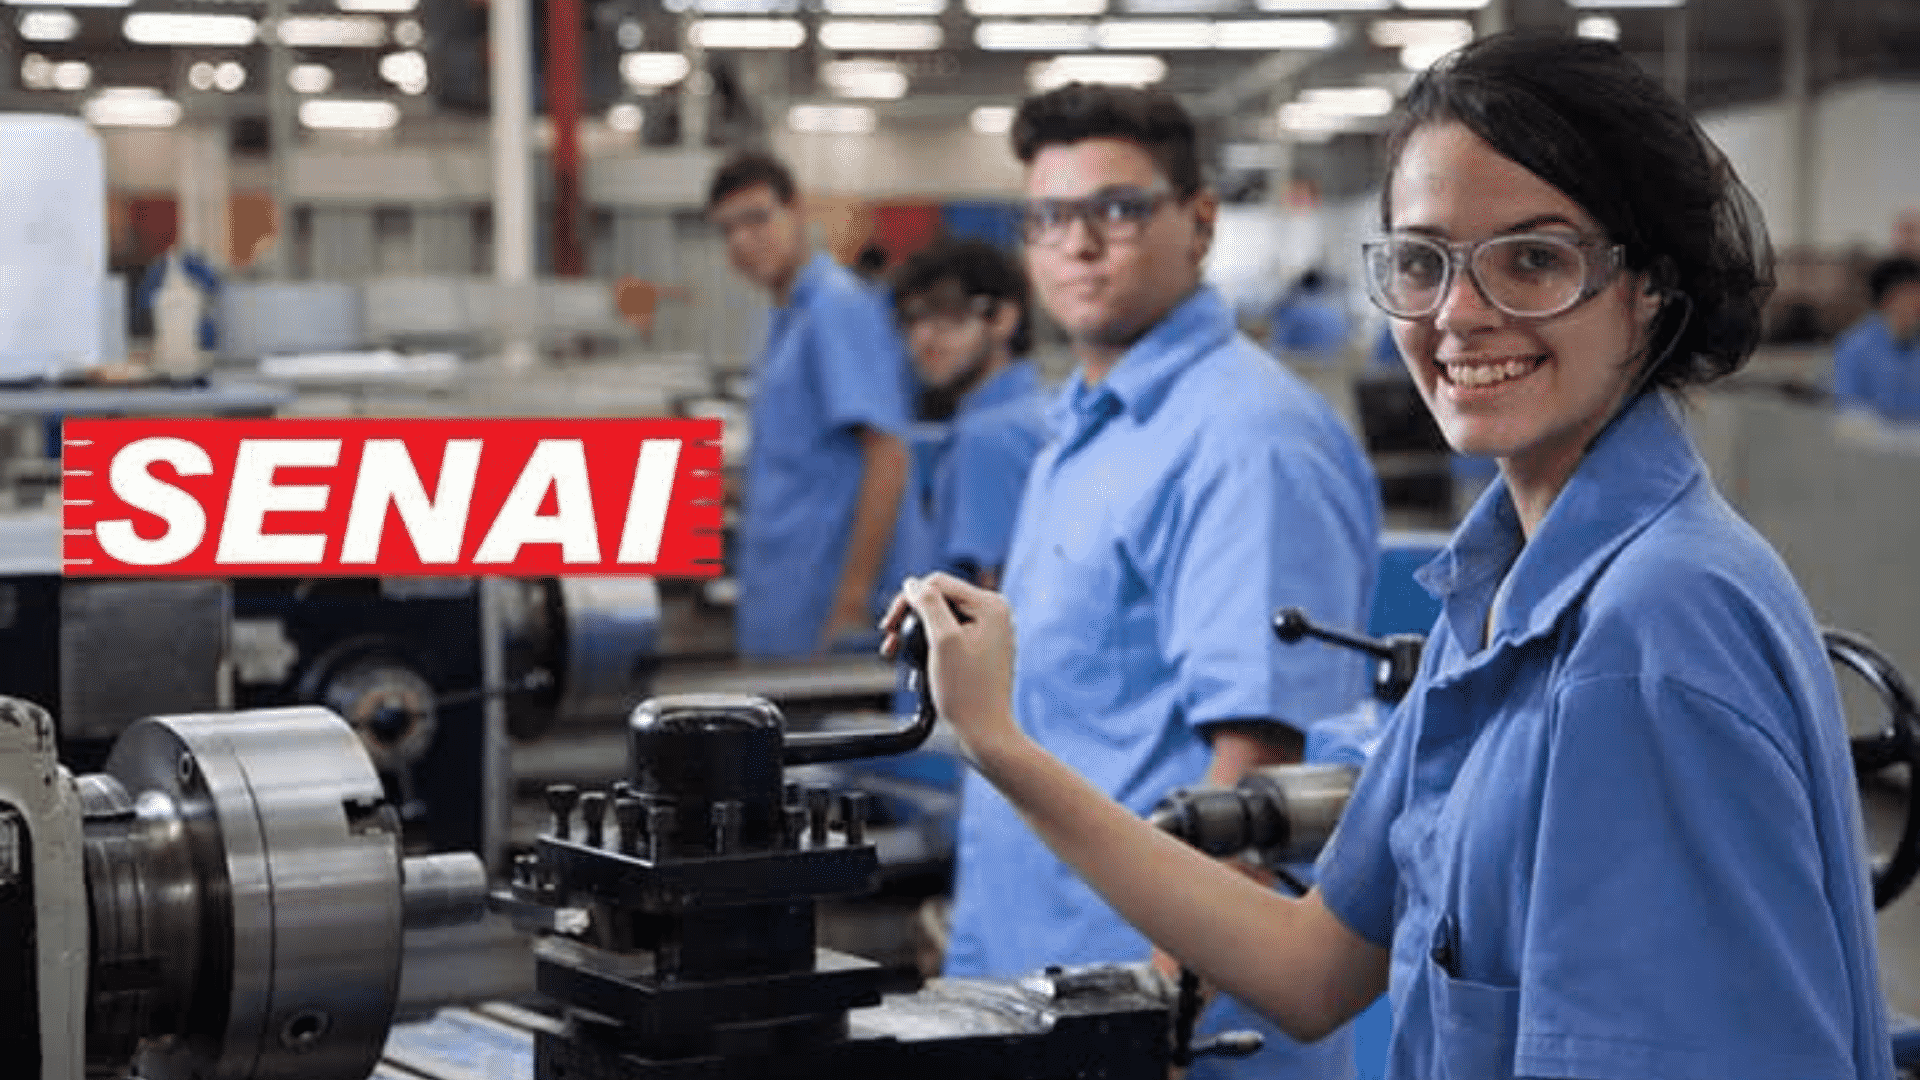 Senai – cursos técnicos – cursos técnicos gratuitos – São Paulo